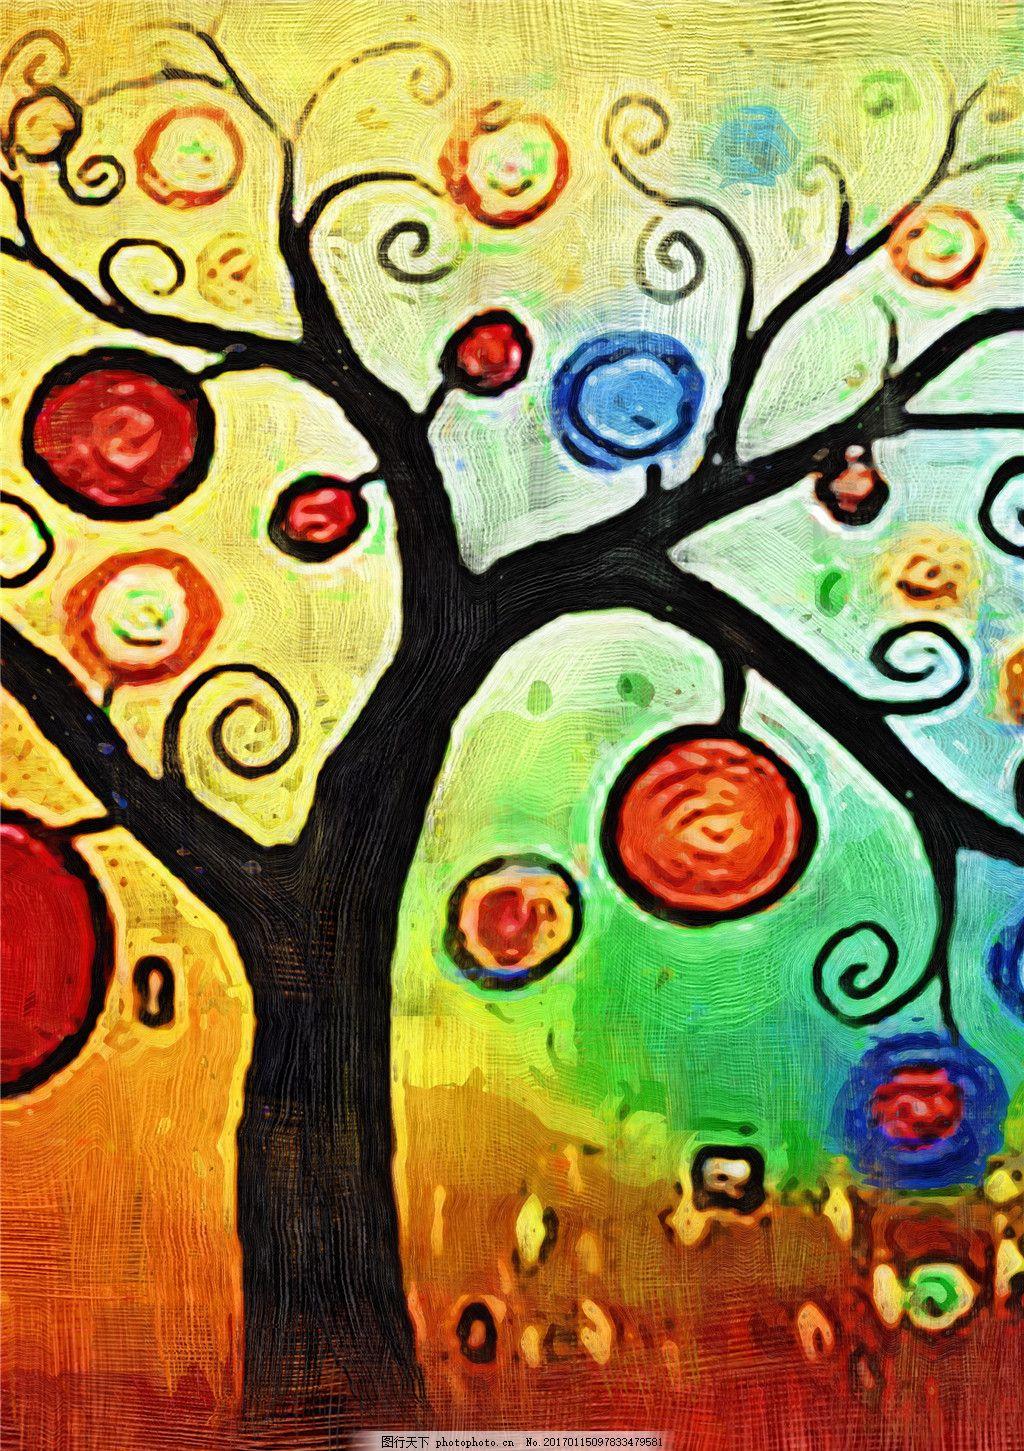 创意彩色圈圈树花装饰画 棒棒糖图片